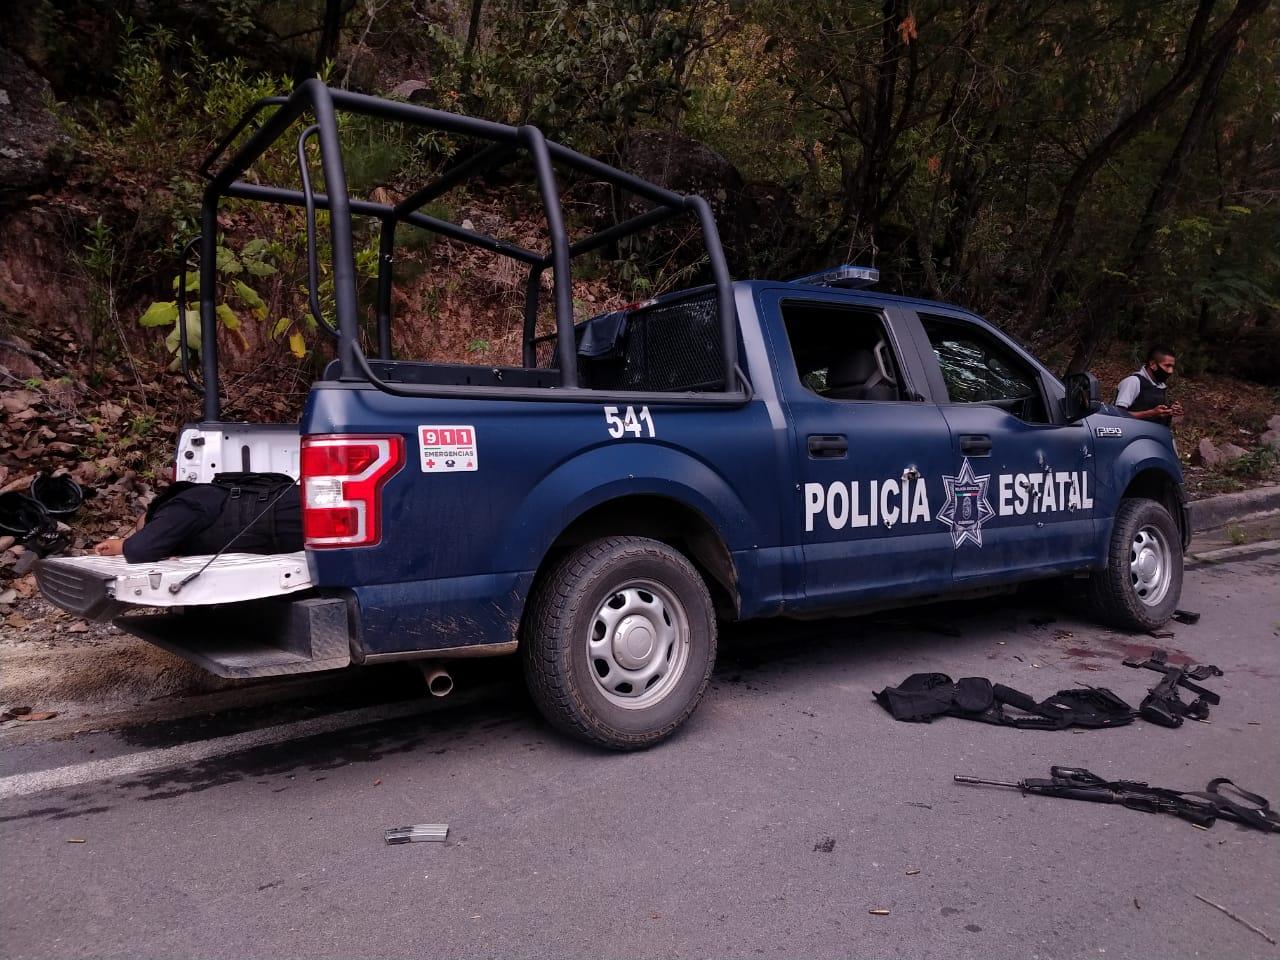 6 Policías Estatales muertos y 5 heridos deja enfrentamiento contra Sicarios en Taxco; Guerrero